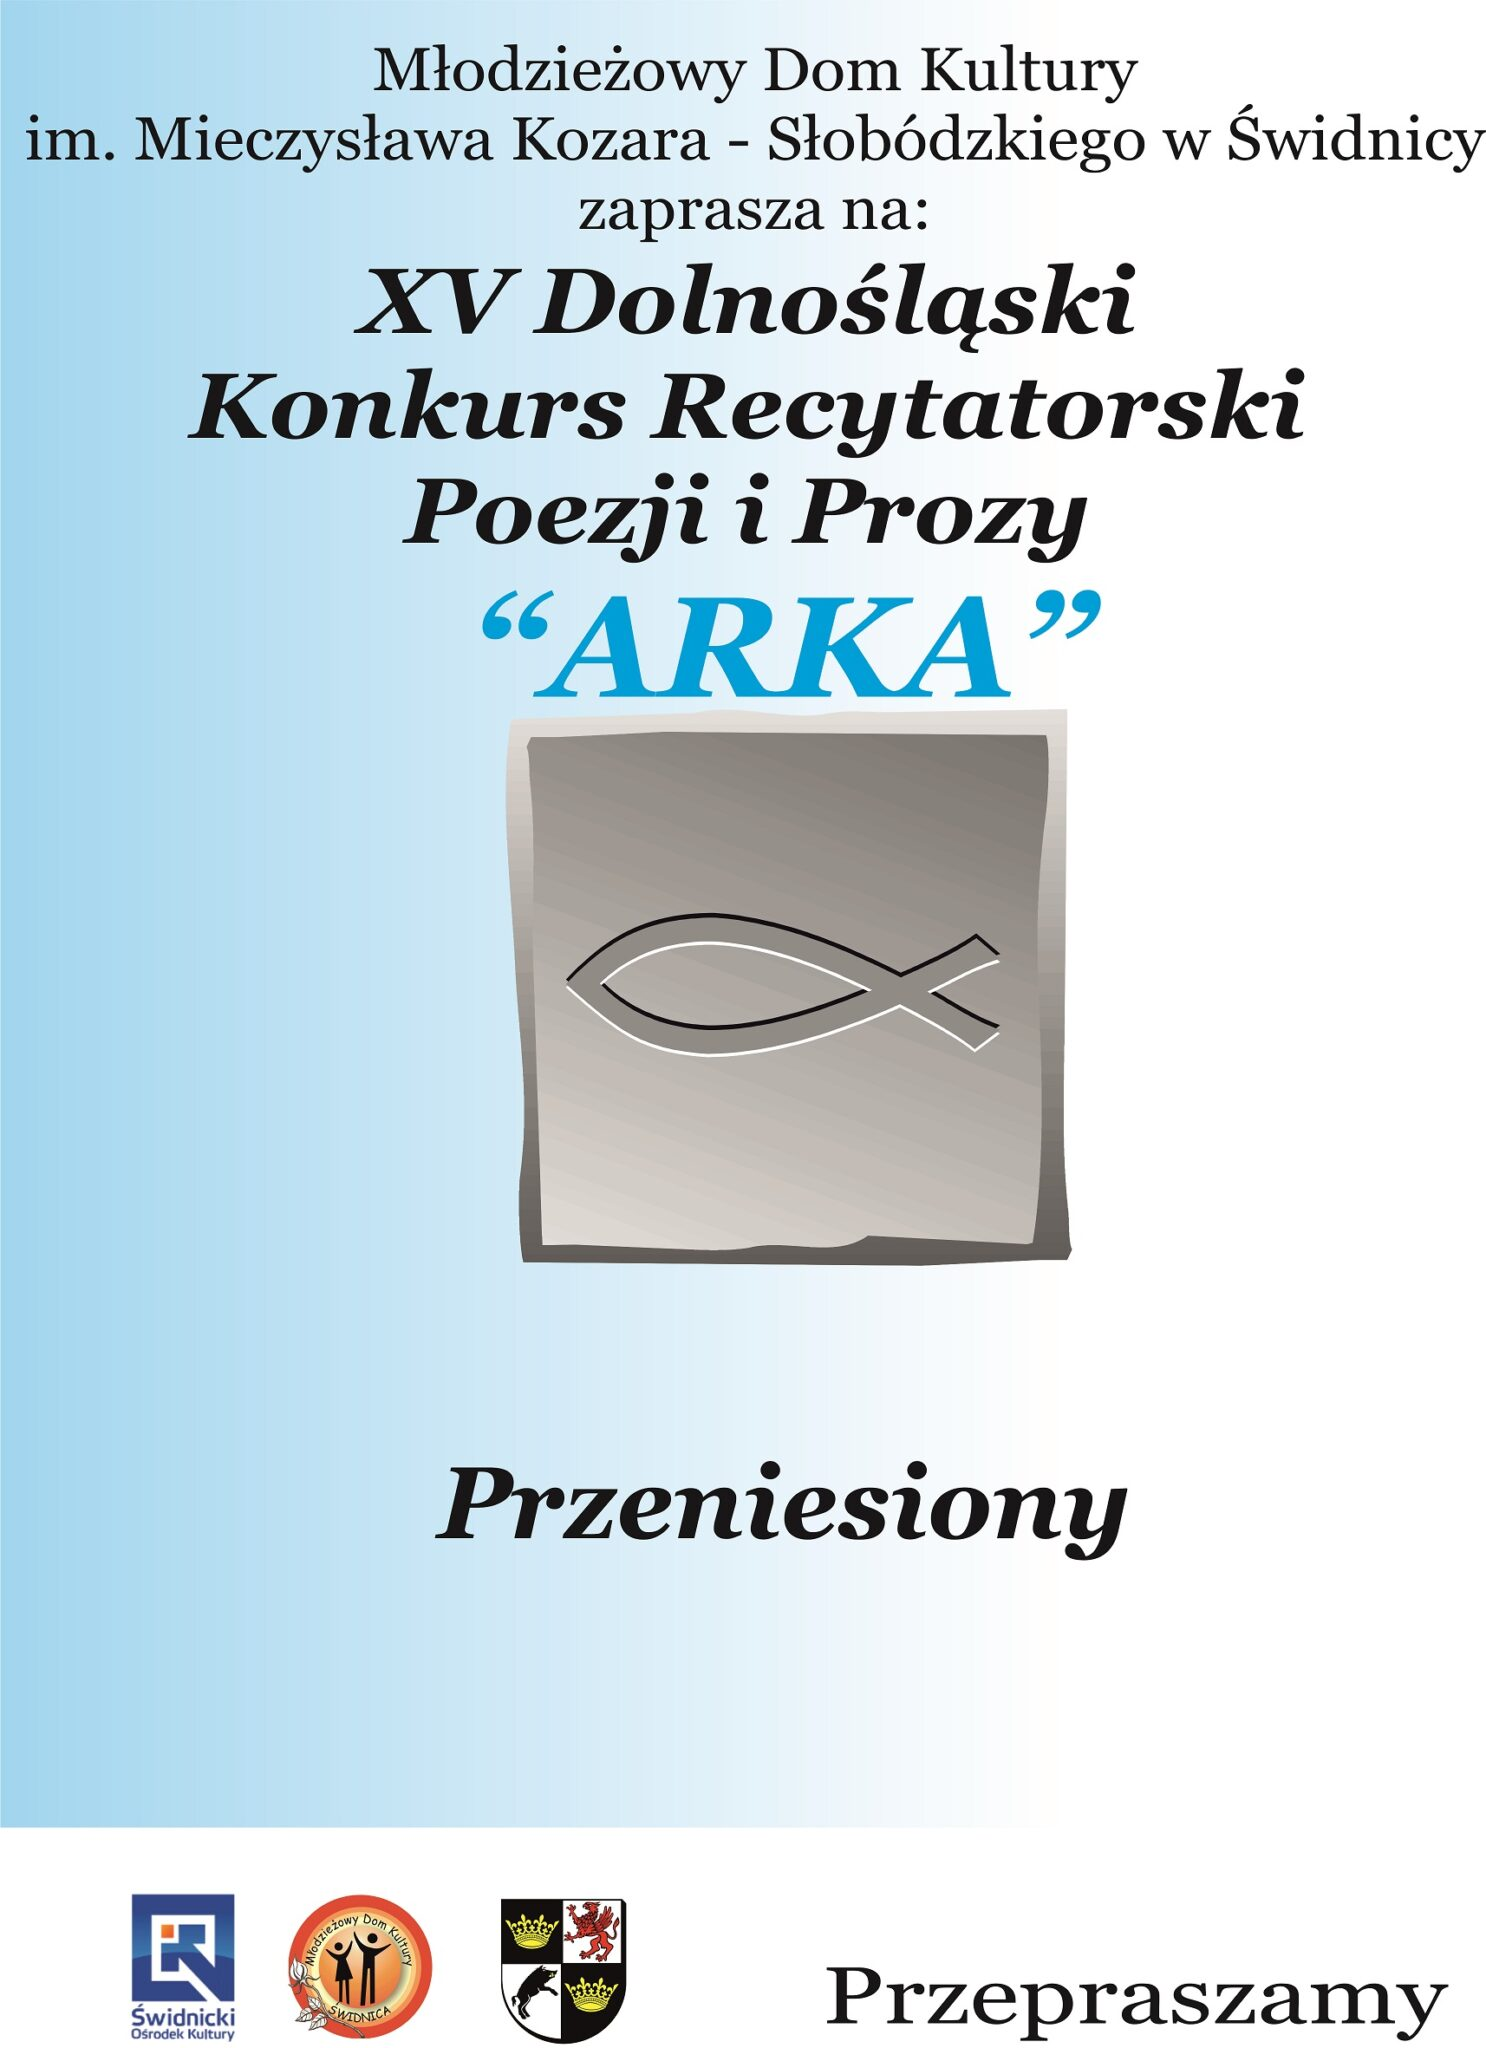 """XV Dolnośląski Konkurs Recytatorski Poezji i Prozy """"Arka"""" – Przeniesiony"""